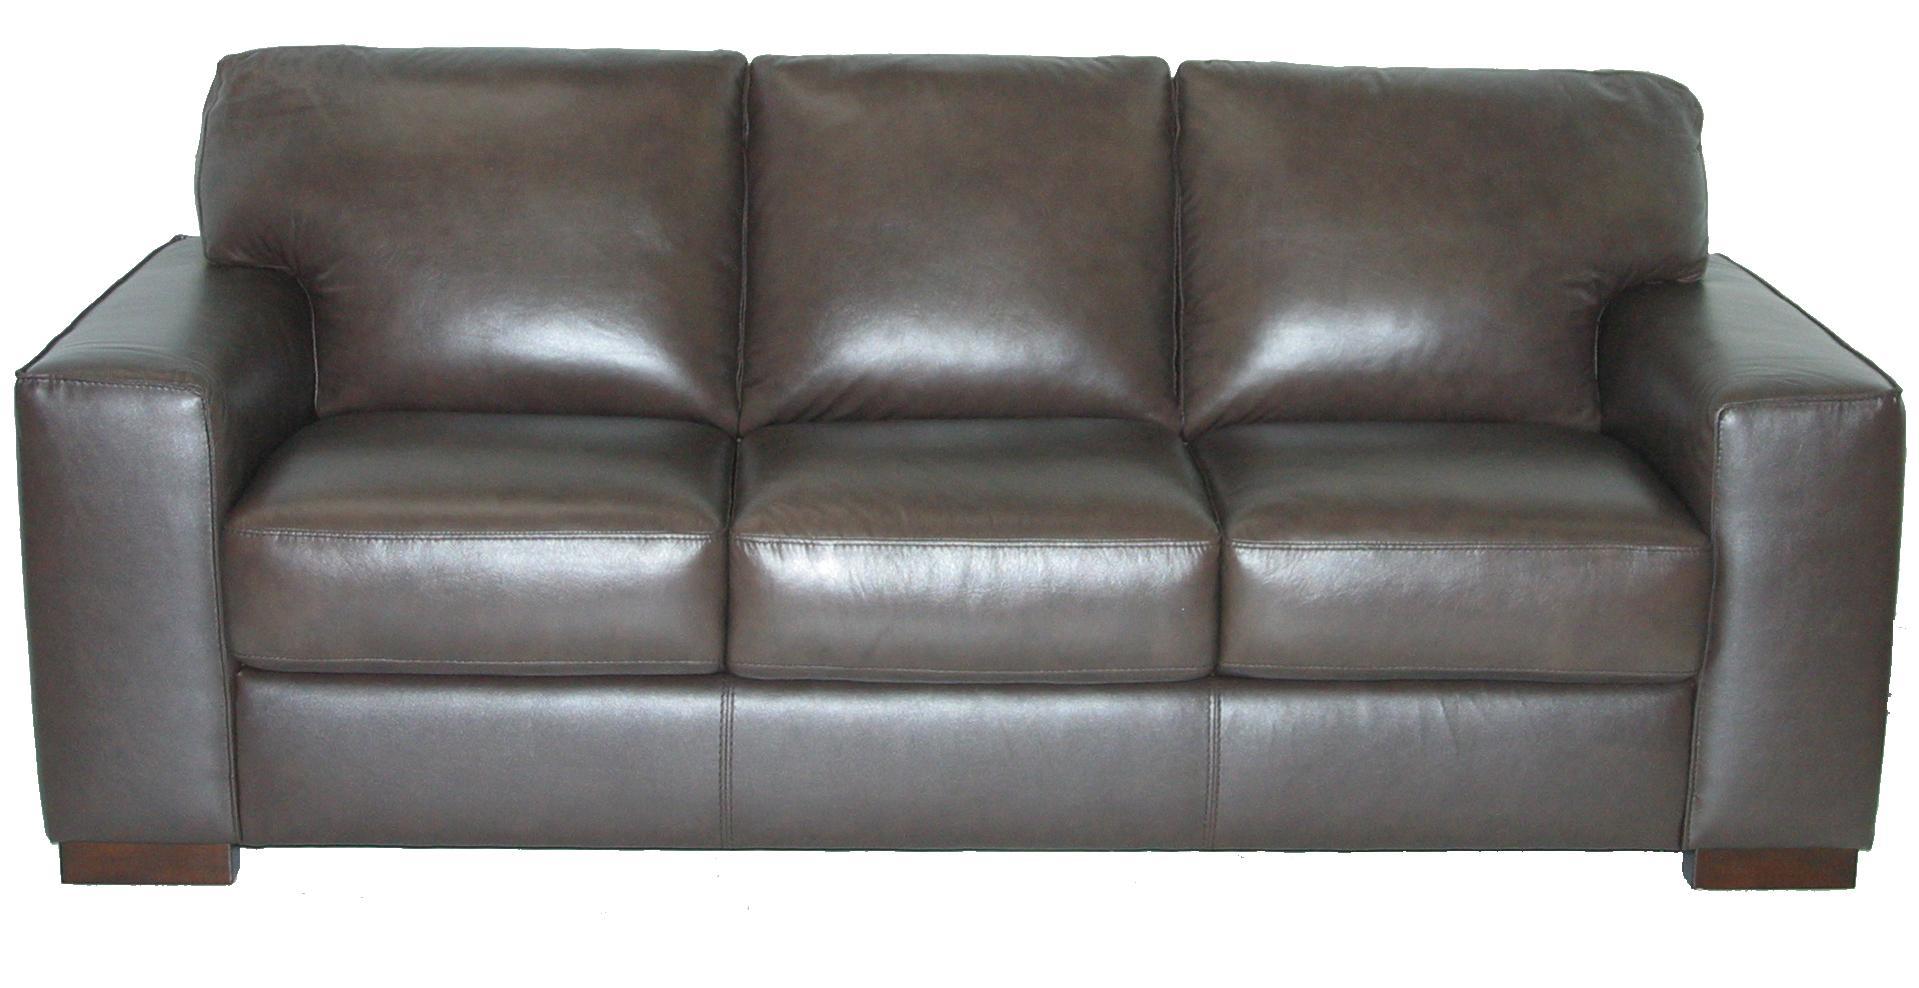 violino 30480 30480 3p contemporary sofa with track arms dunk rh dunkandbright com violino leather sofa price violino leather sofa reviews